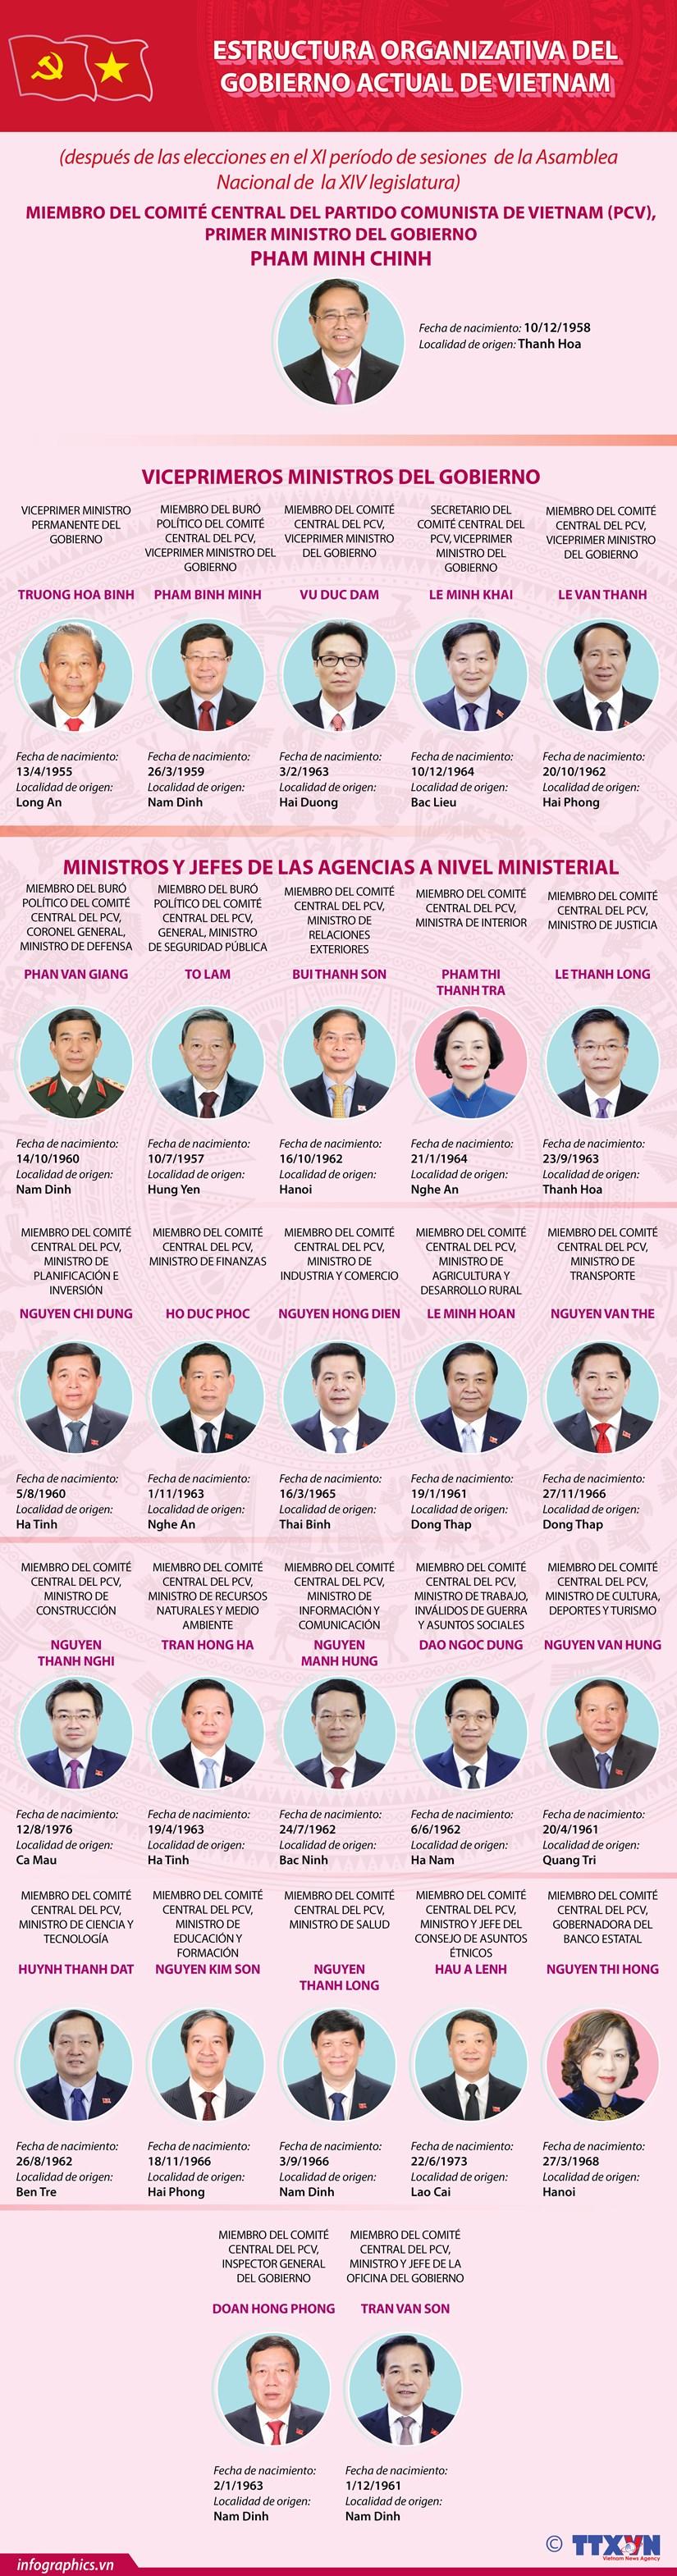 Estructura organizativa del Gobierno actual de Vietnam hinh anh 1